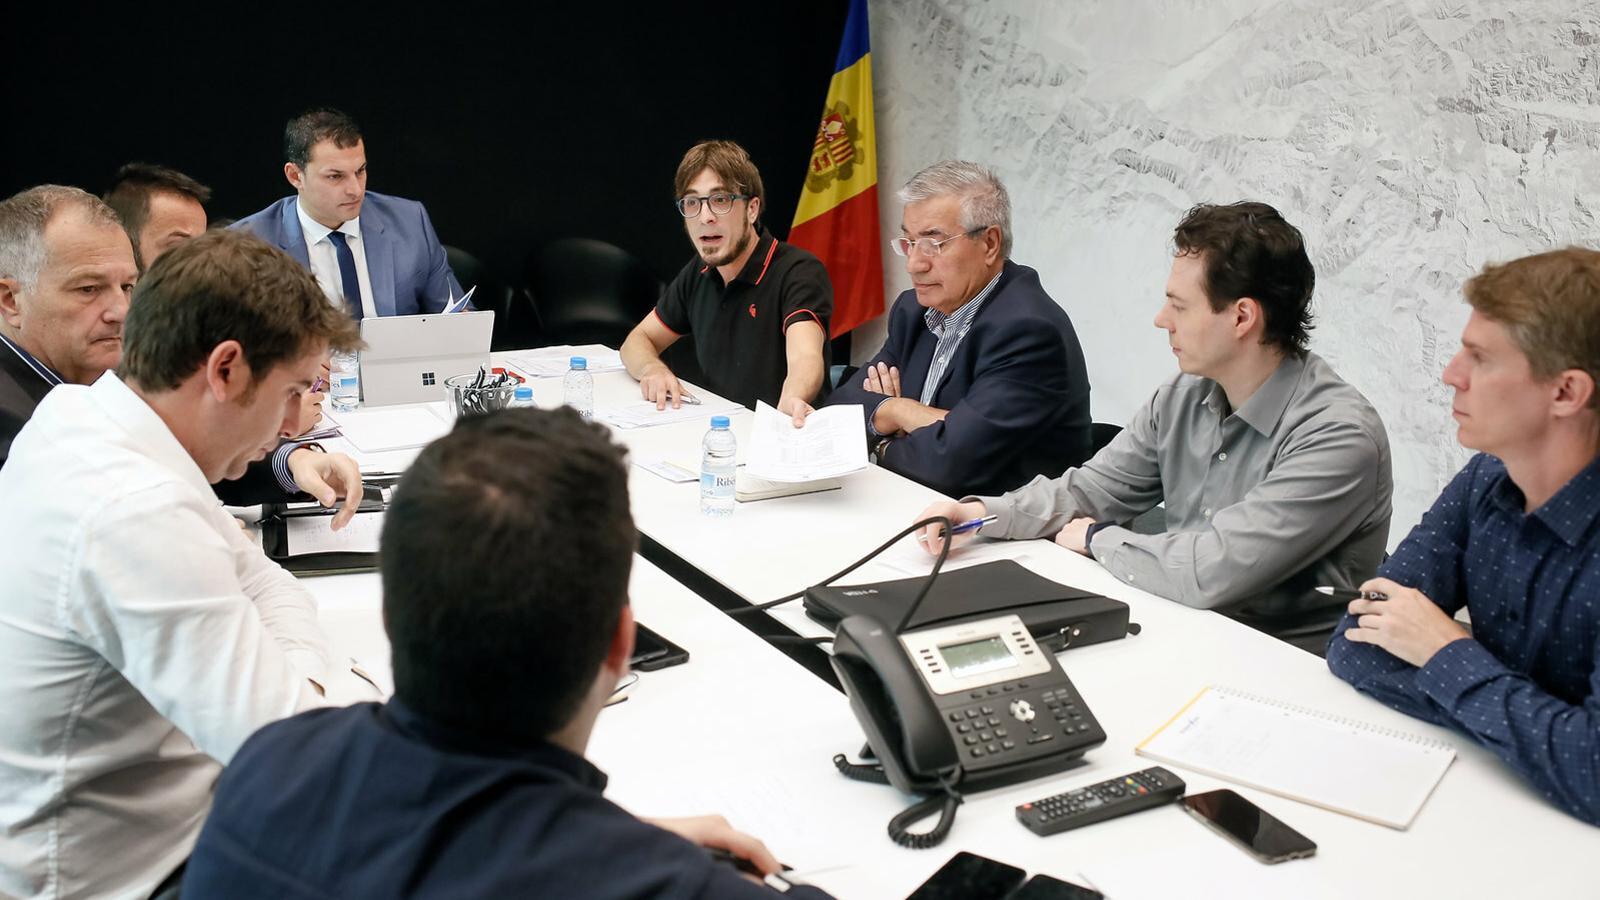 La reunió entre el Govern i les empreses adjudicatàries del servei de transport nacional. SFG